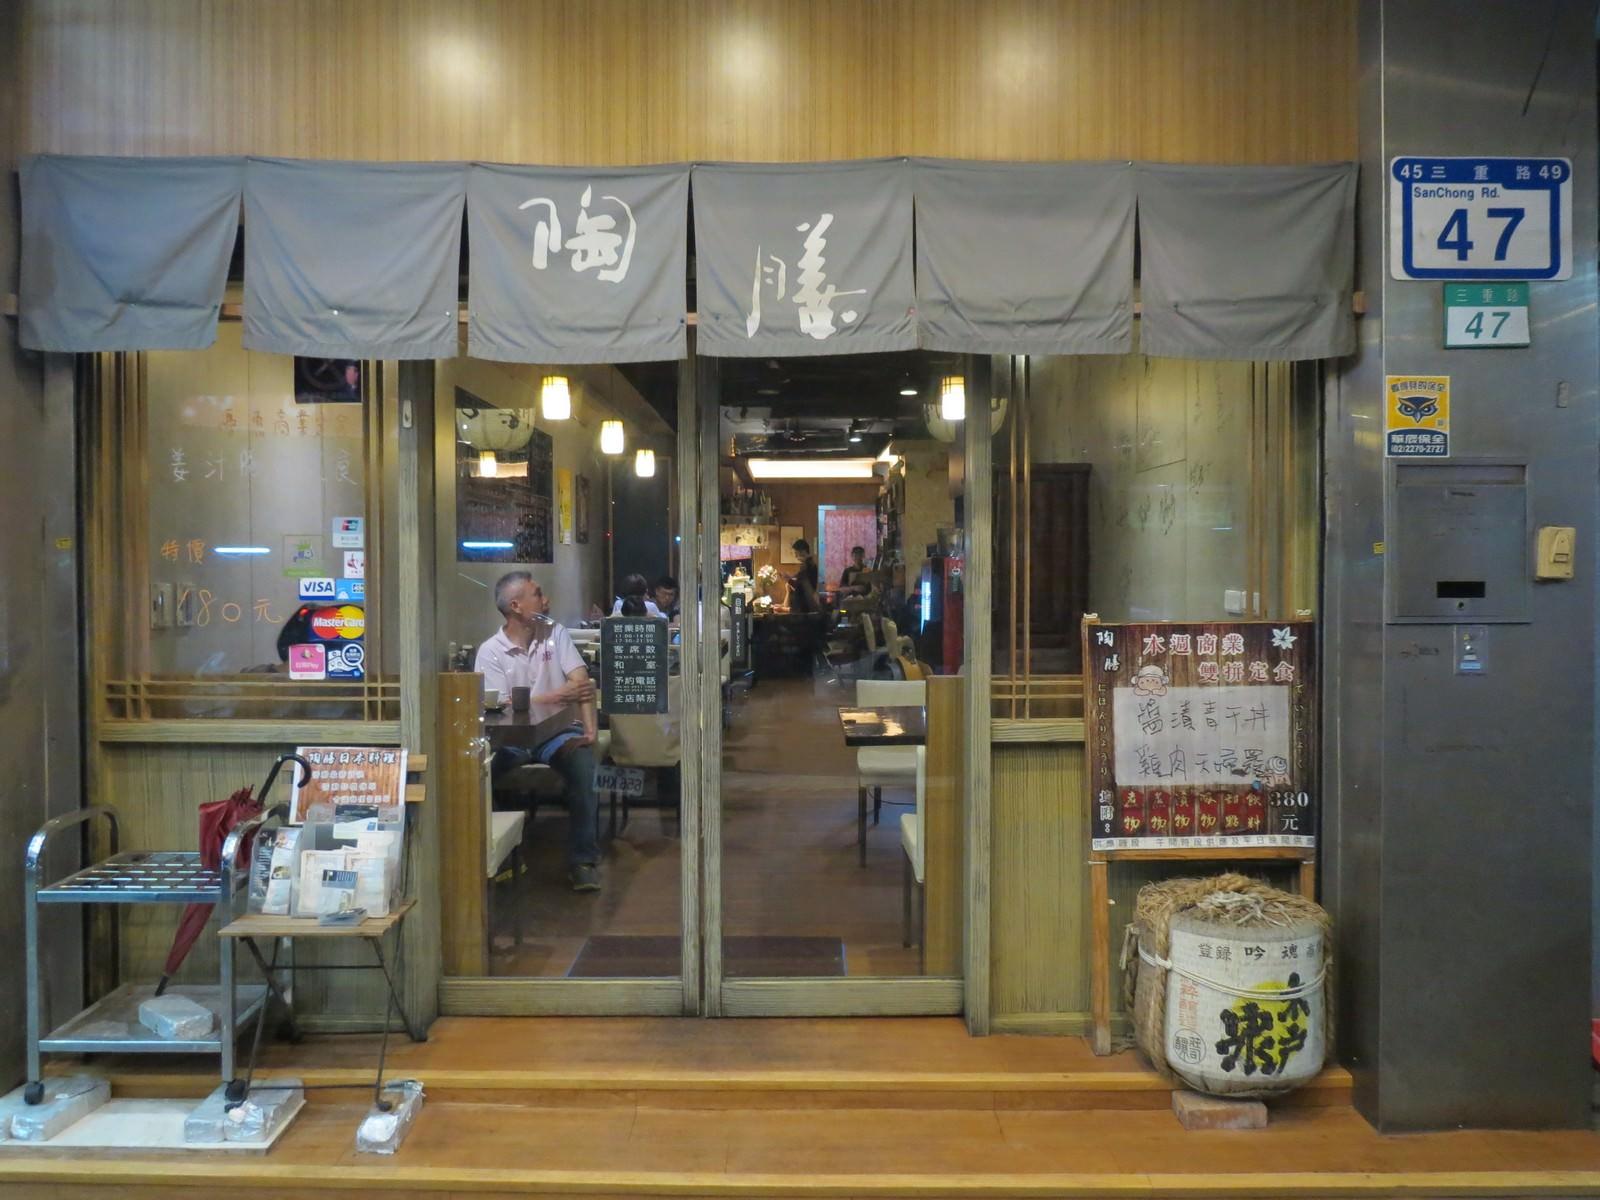 陶膳日本料理, 裝潢佈置